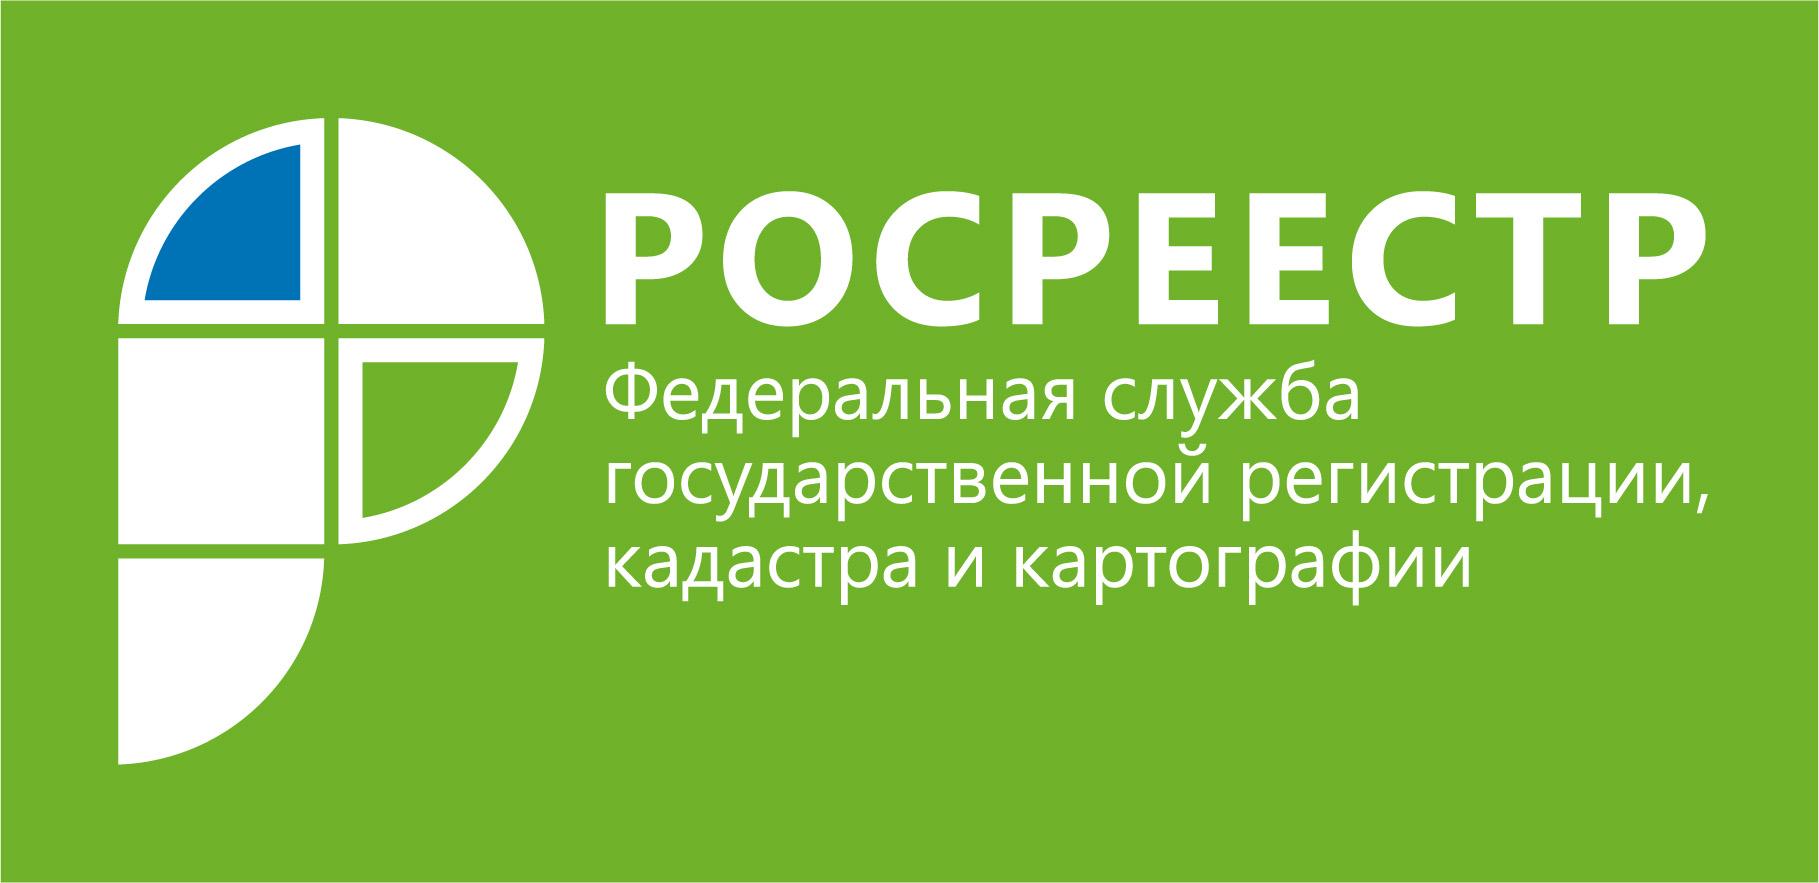 товарищеская Росреестр по московской области проблемы с базой мысли